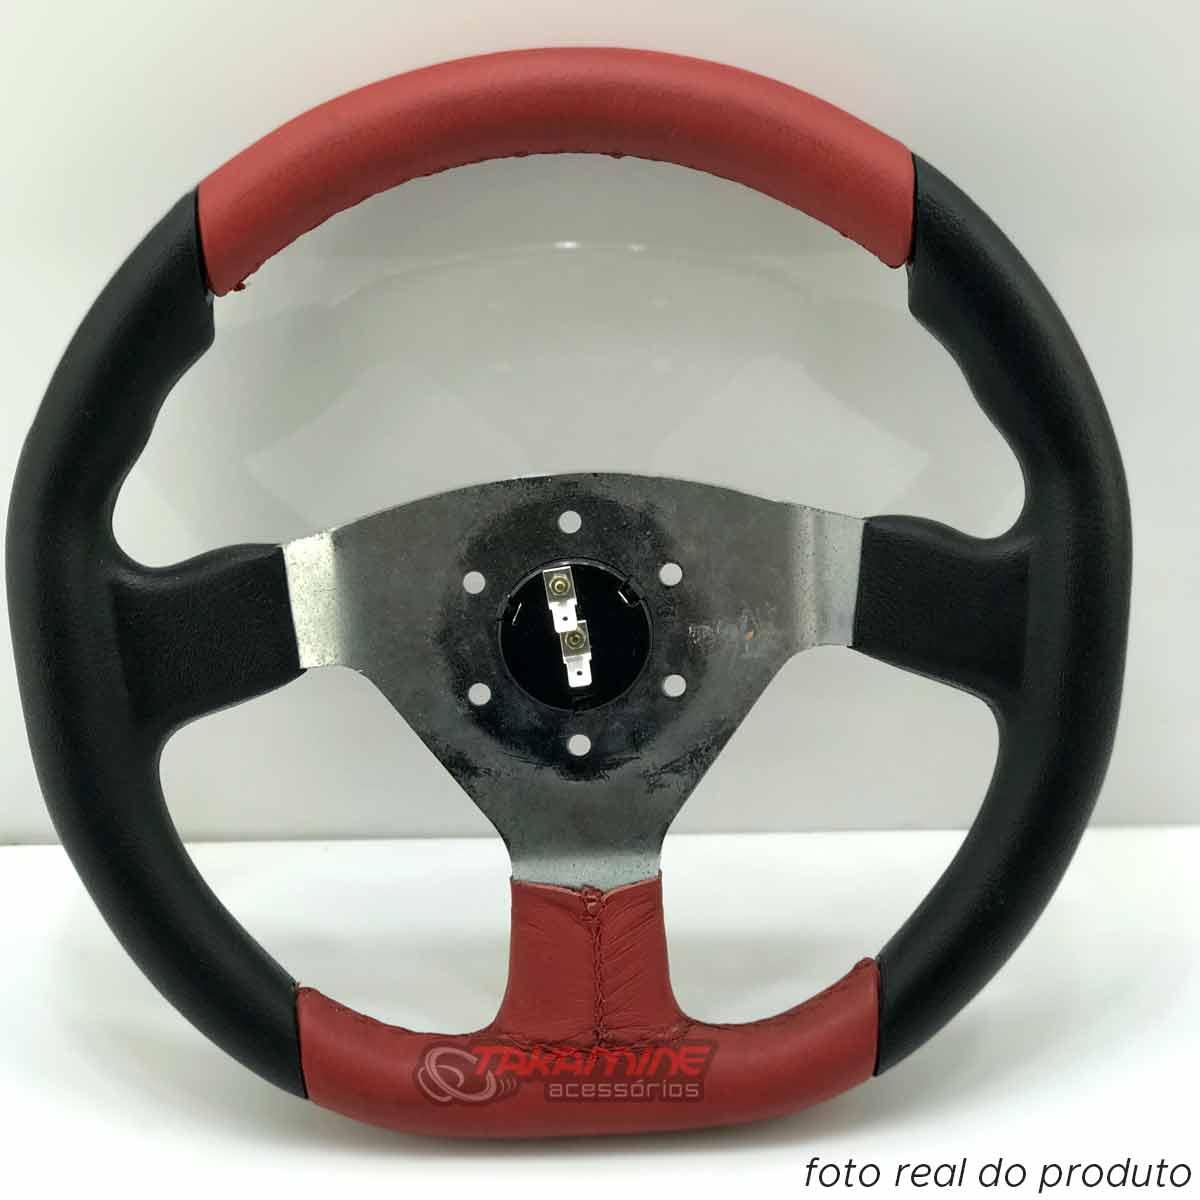 Volante esportivo Shutt New Racing centro escovado com couro vermelho